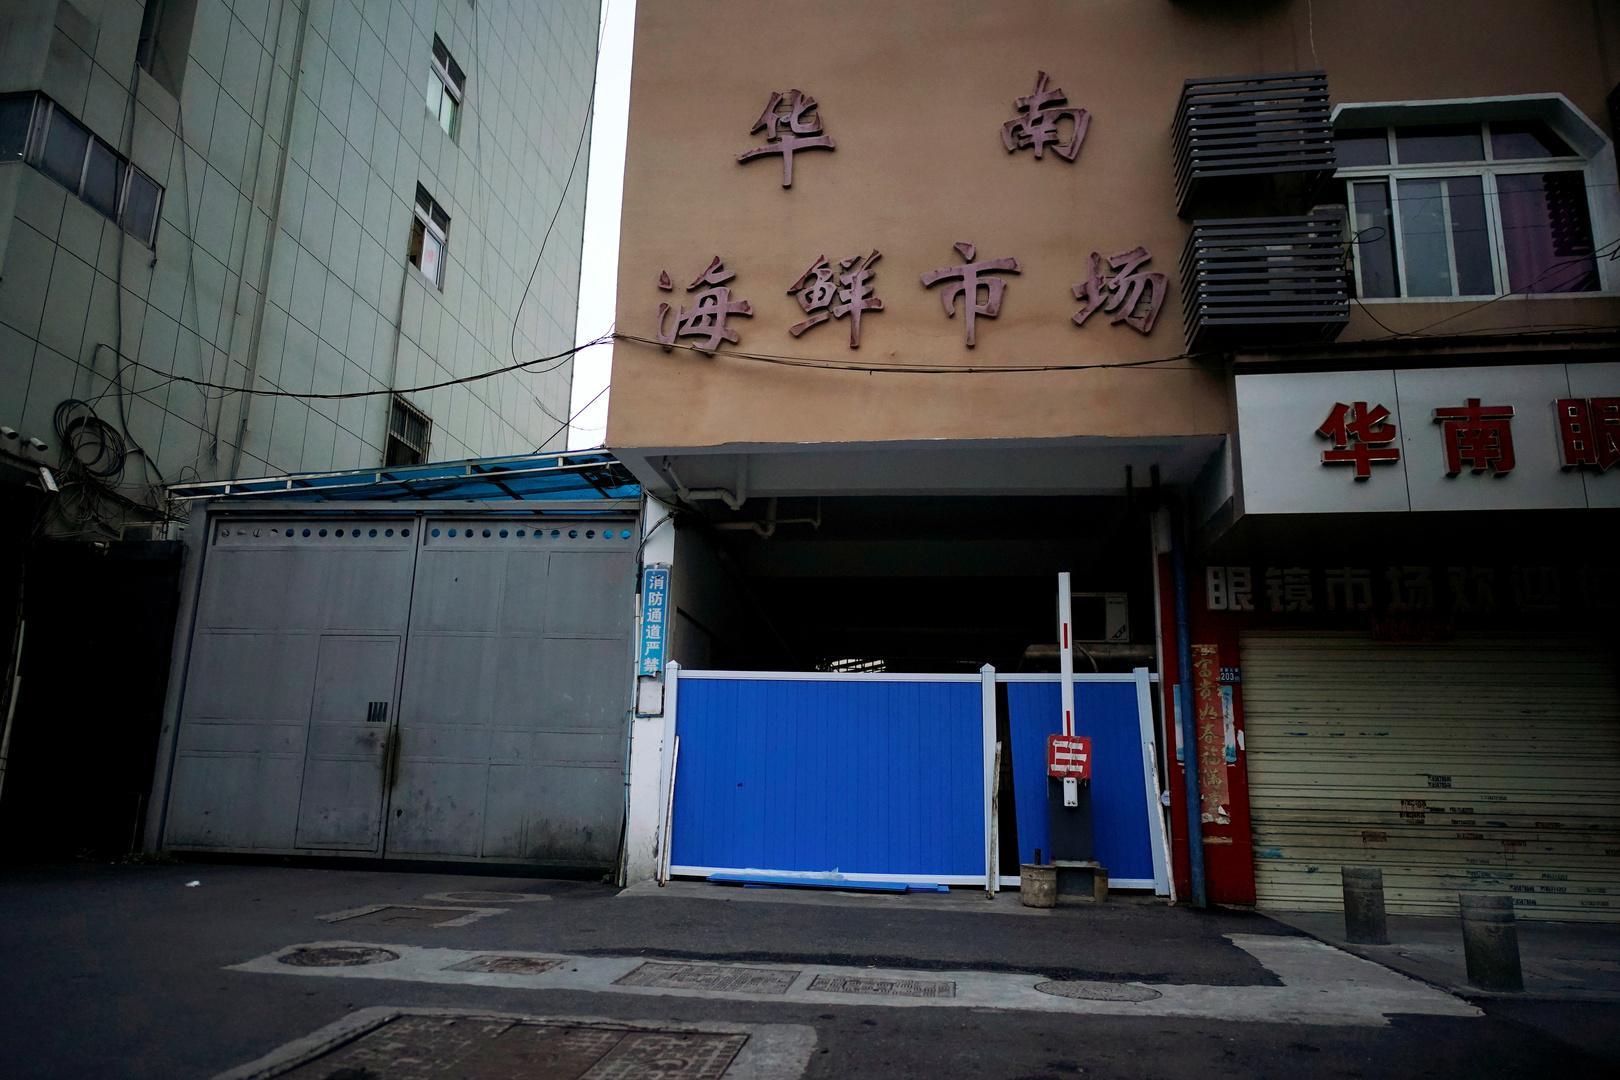 مدخل مغلق لسوق هوانان للمأكولات البحرية في ووهان، حيث يعتقد أنه منشأ كورونا